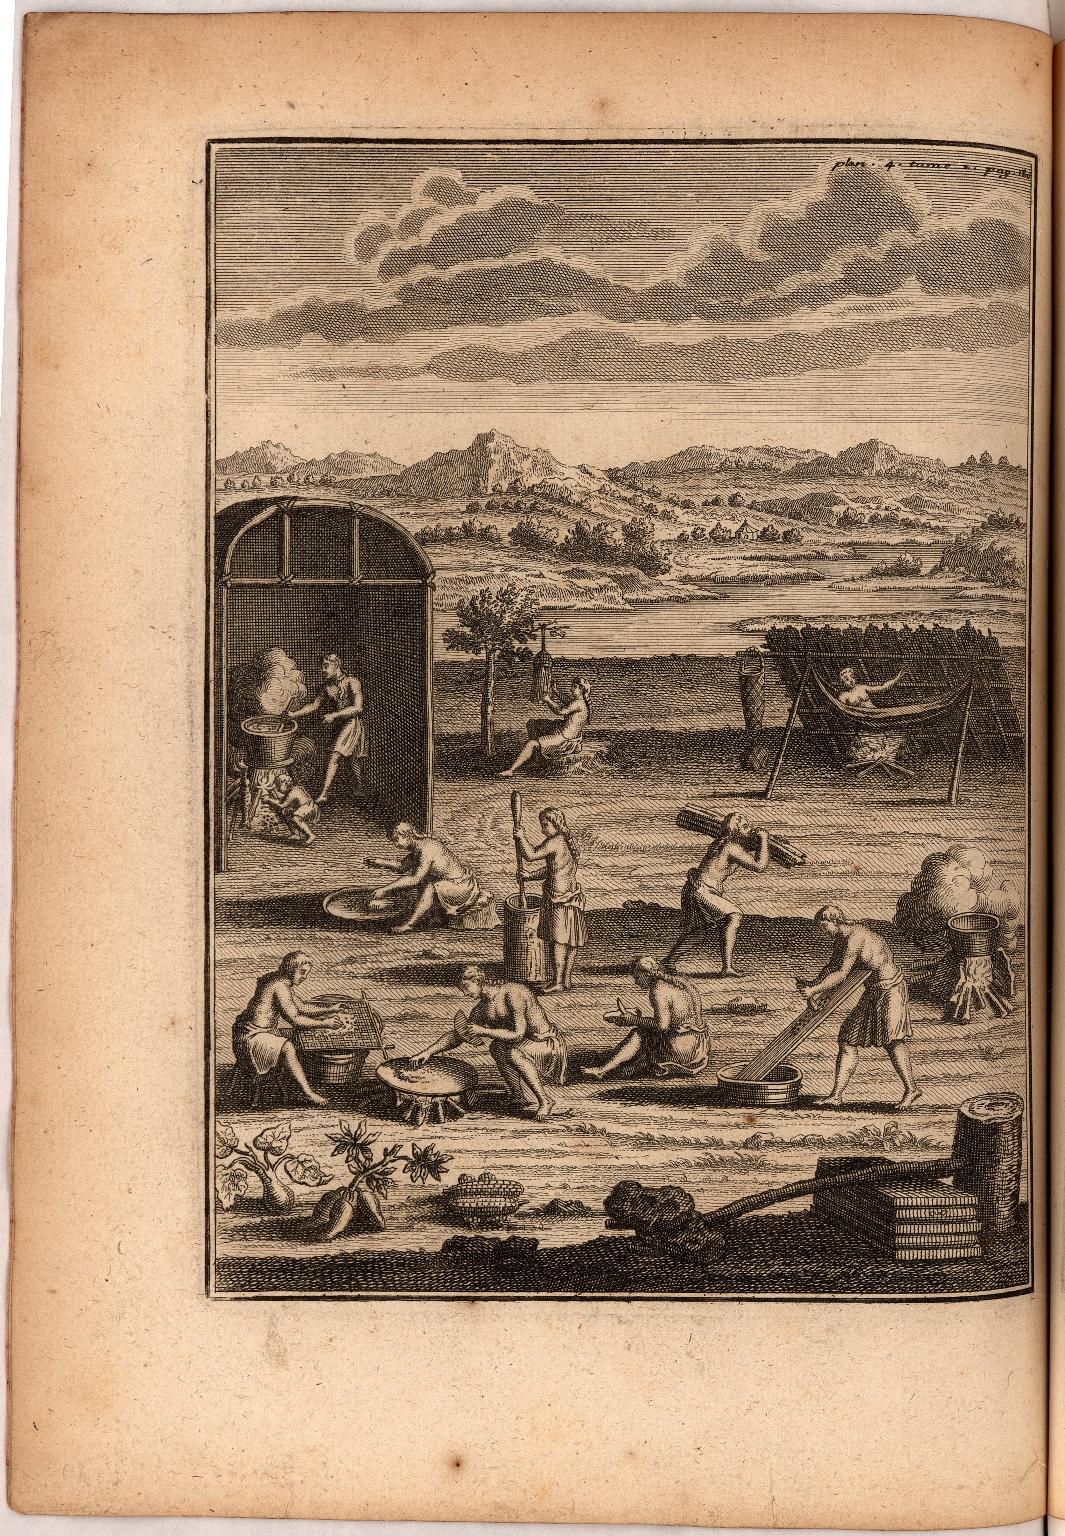 [Planche VII. pag. 154. Maniere de faire le sucre d'Etable. Les femmes occupées à aller chercher les vaisseaux , qui sont déja pleins de l'eau qui coule des arbres. ...]